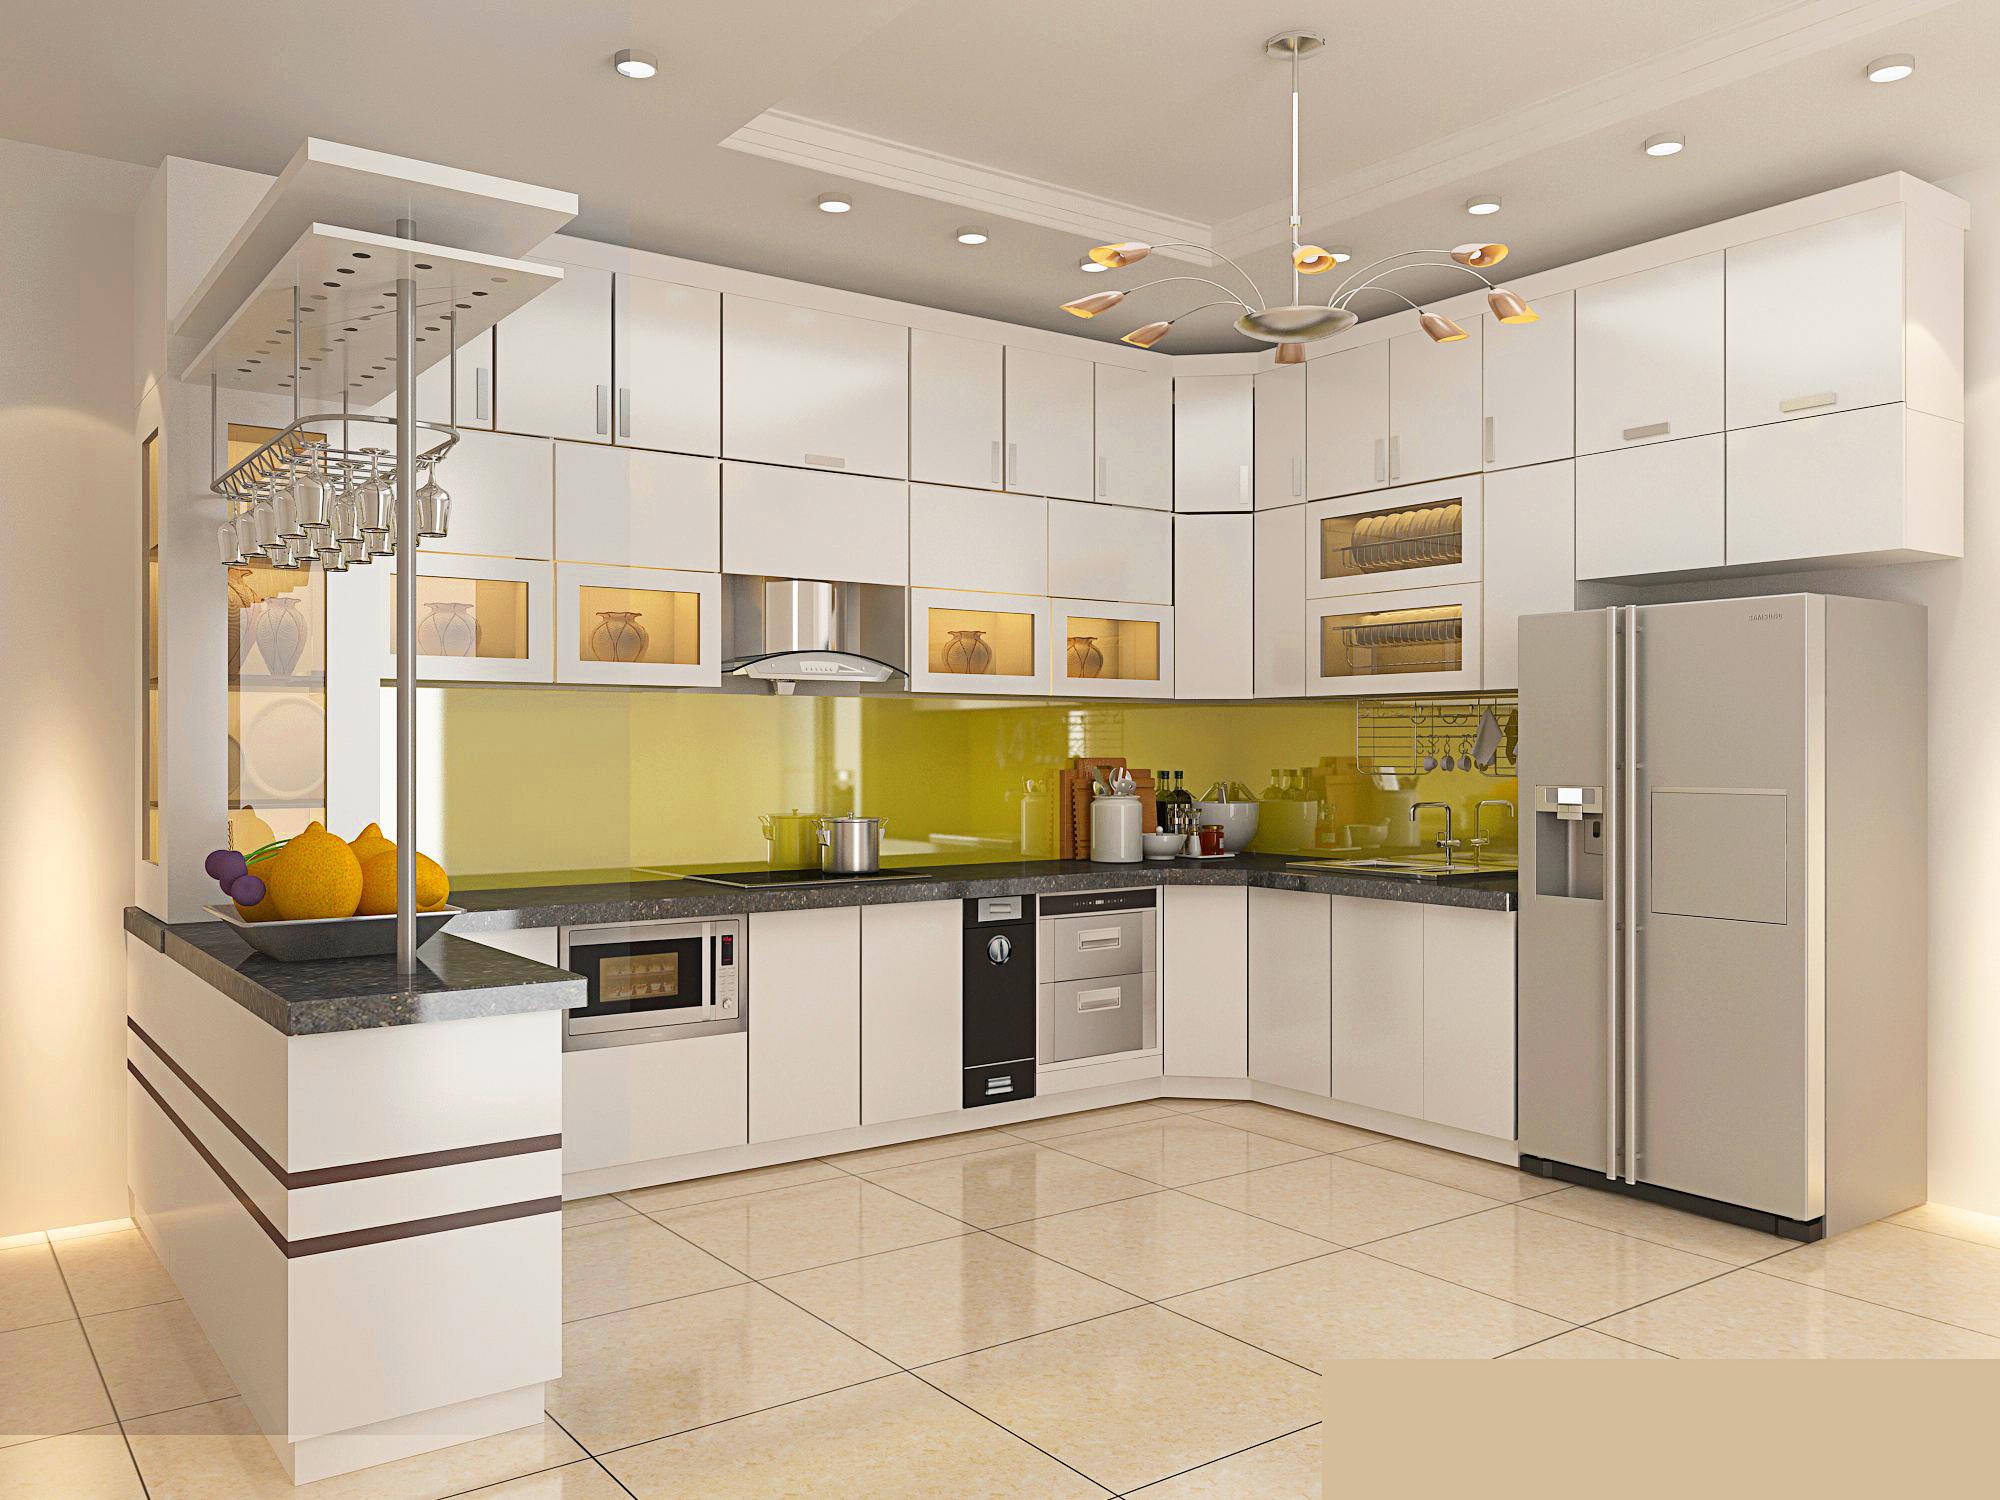 Xây dựng thương hiệu thiết bị nhà bếp trọn gói hiệu quả